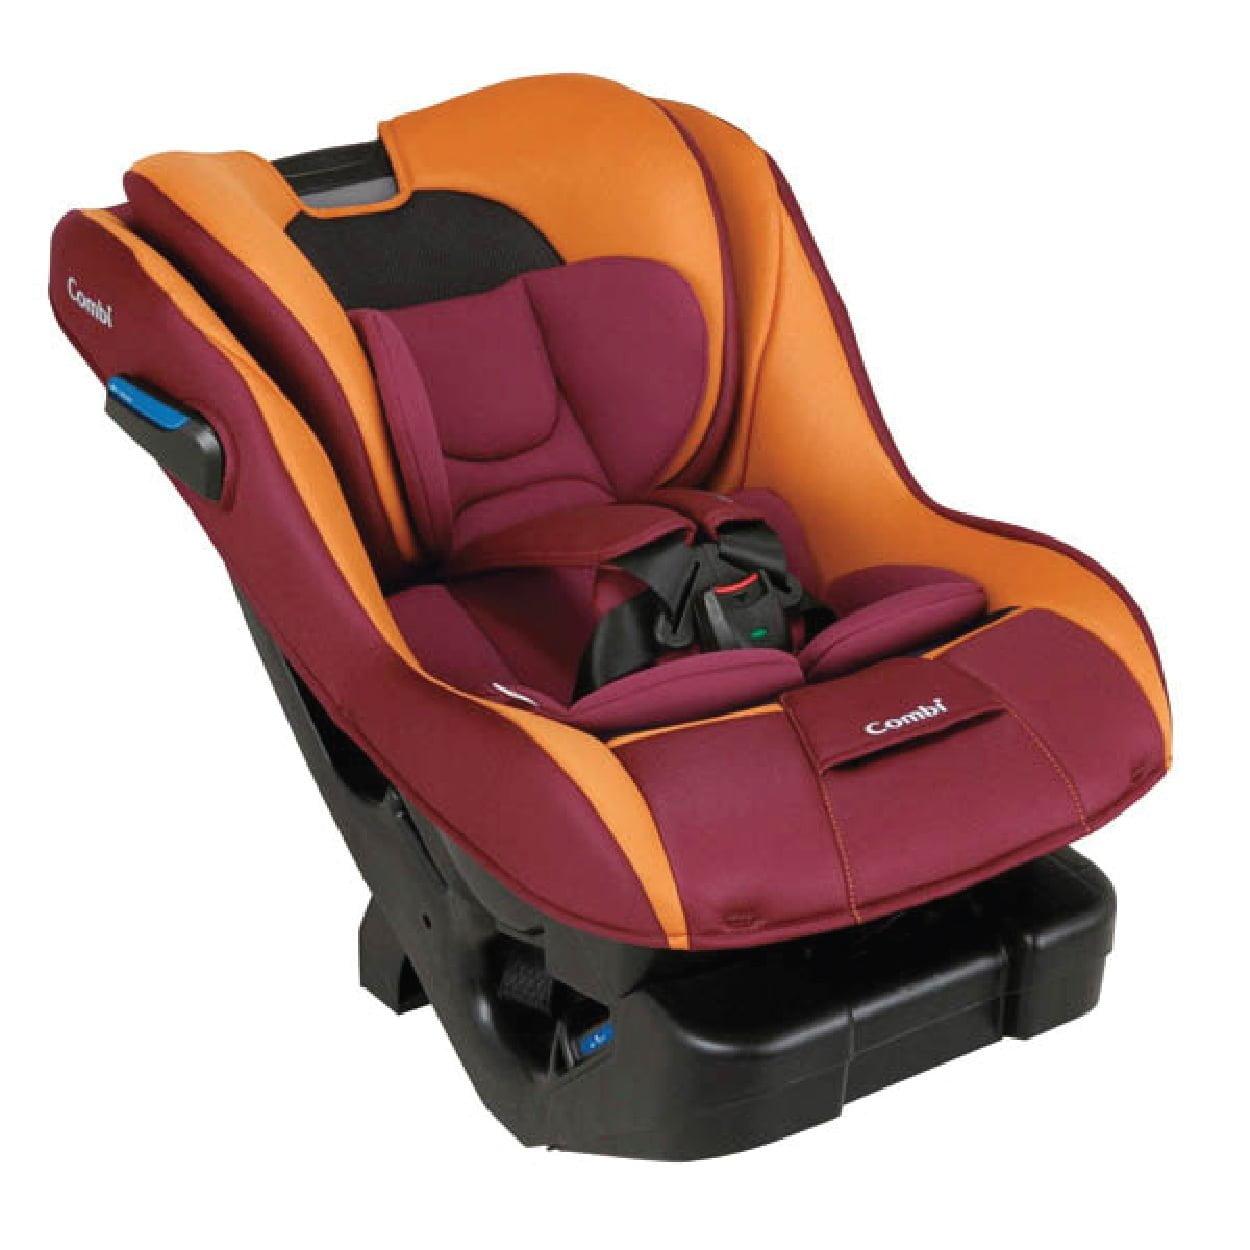 Car Seat Newborn To  Years Malaysia